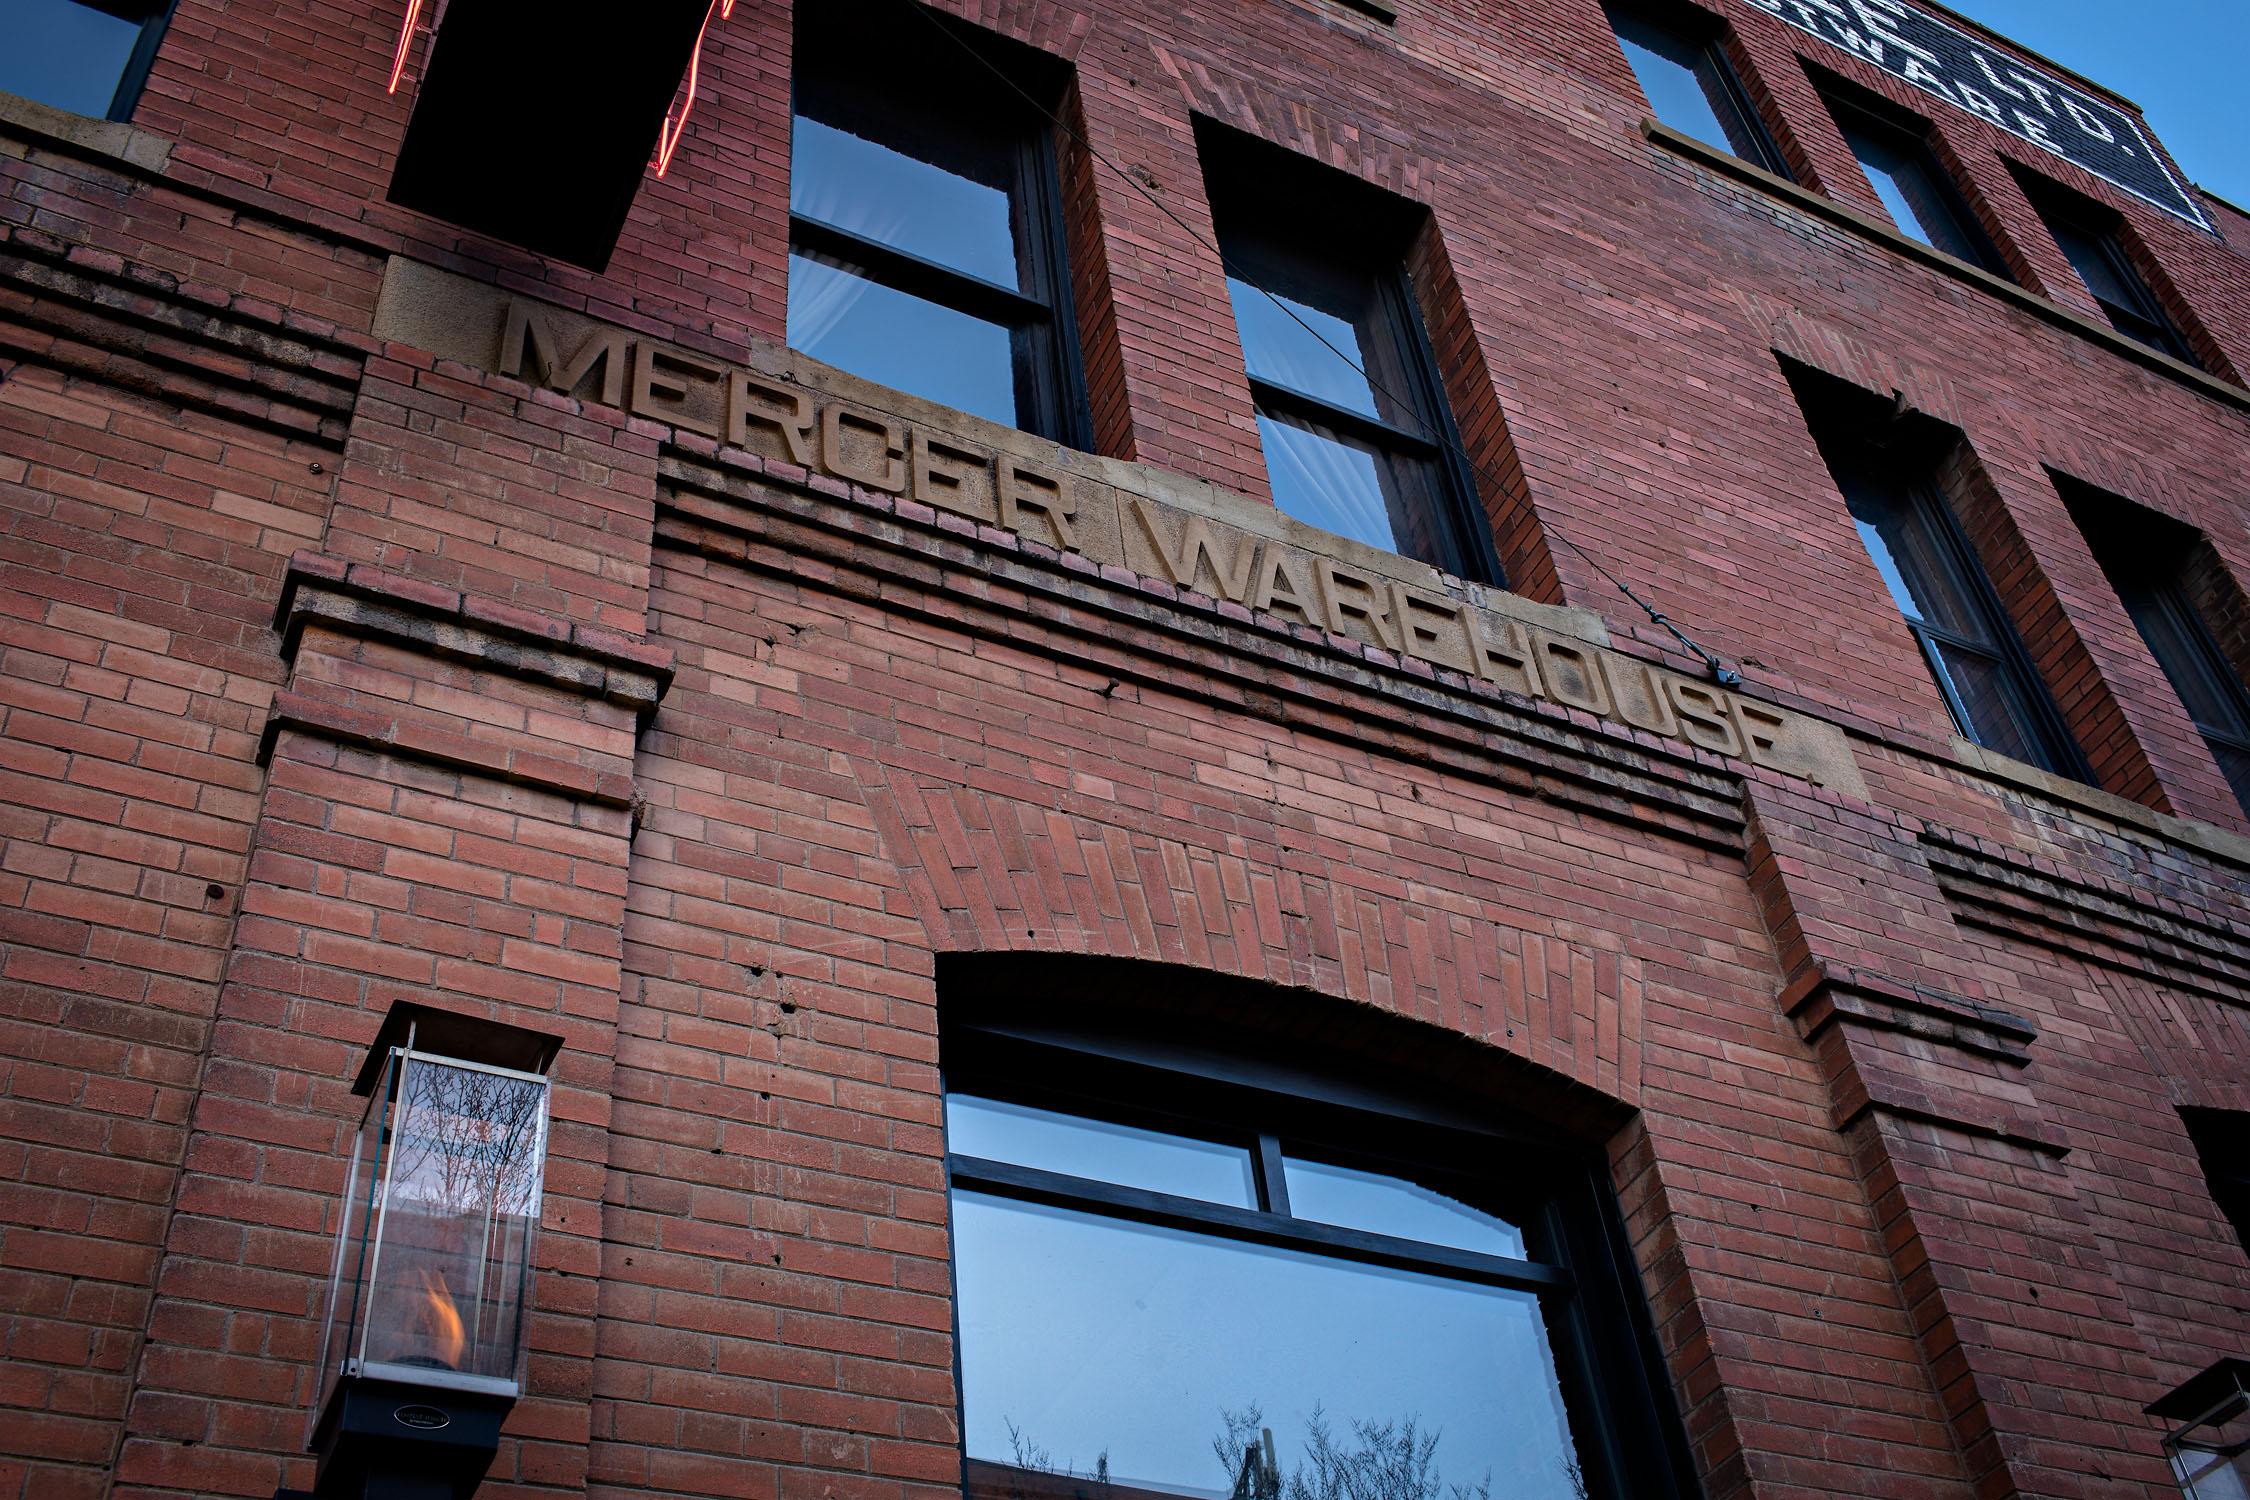 mercer_warehouse_3789_web.jpg